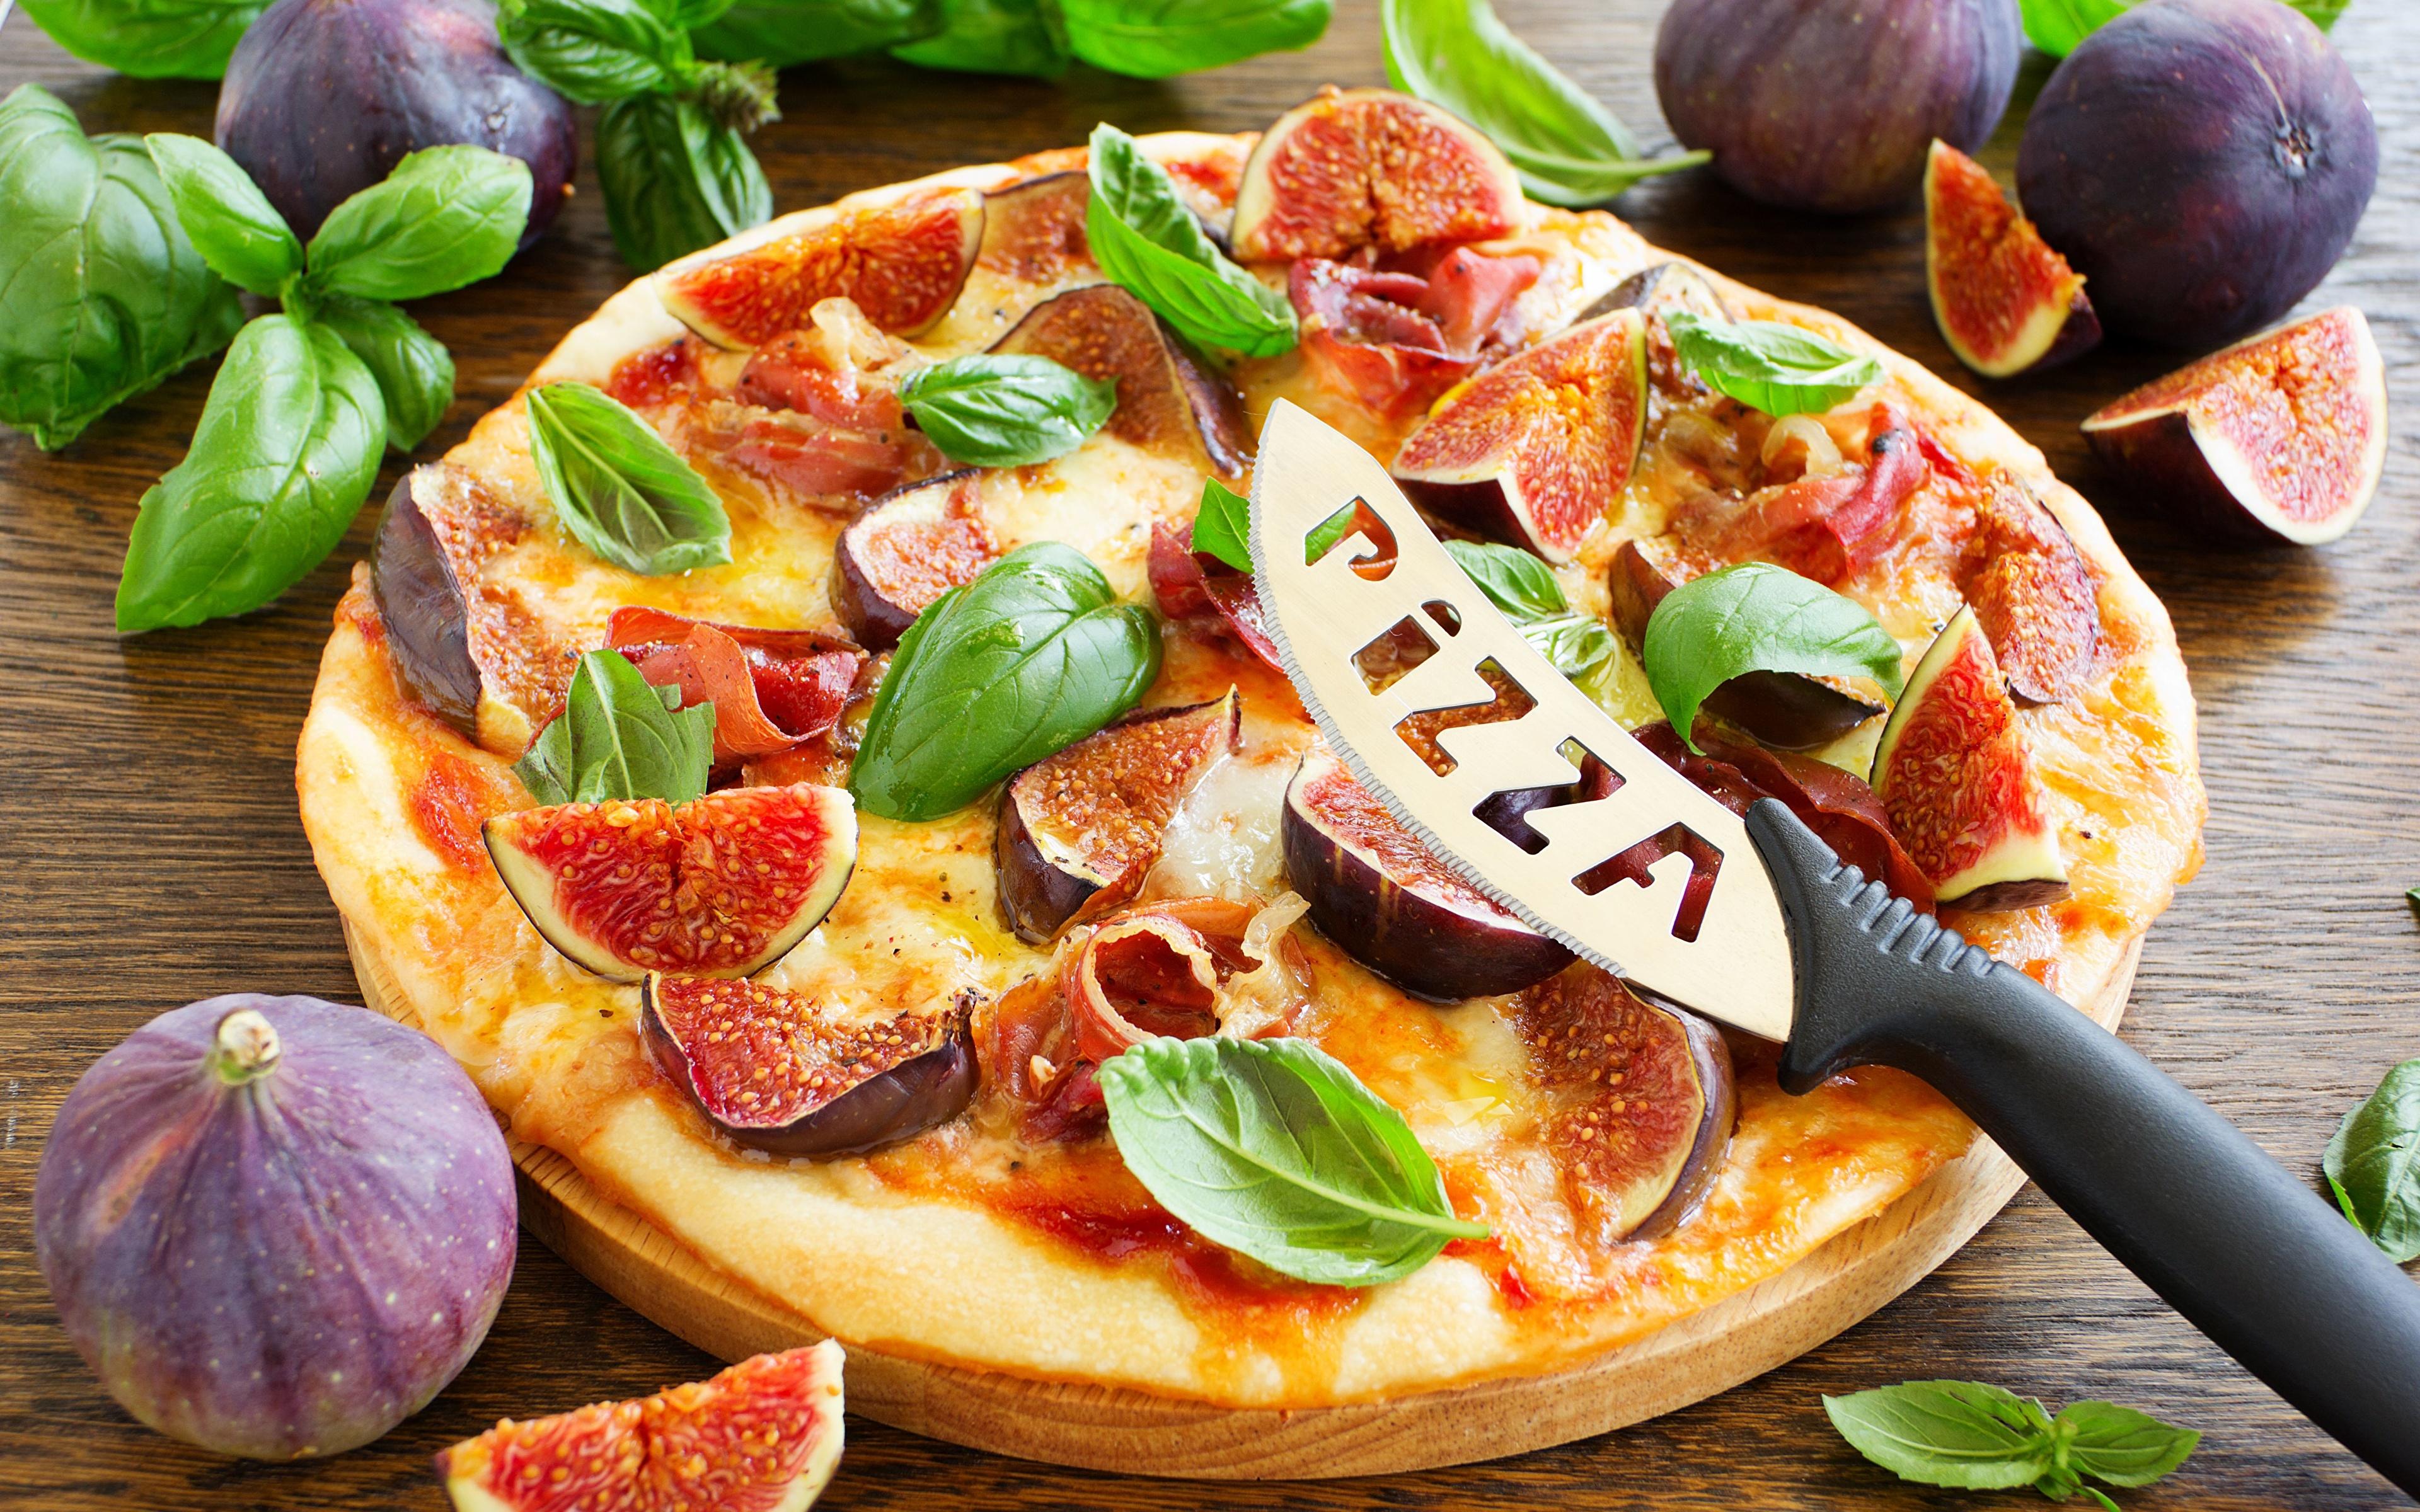 Фотография Еда Инжир Пицца Базилик душистый 3840x2400 Пища Продукты питания